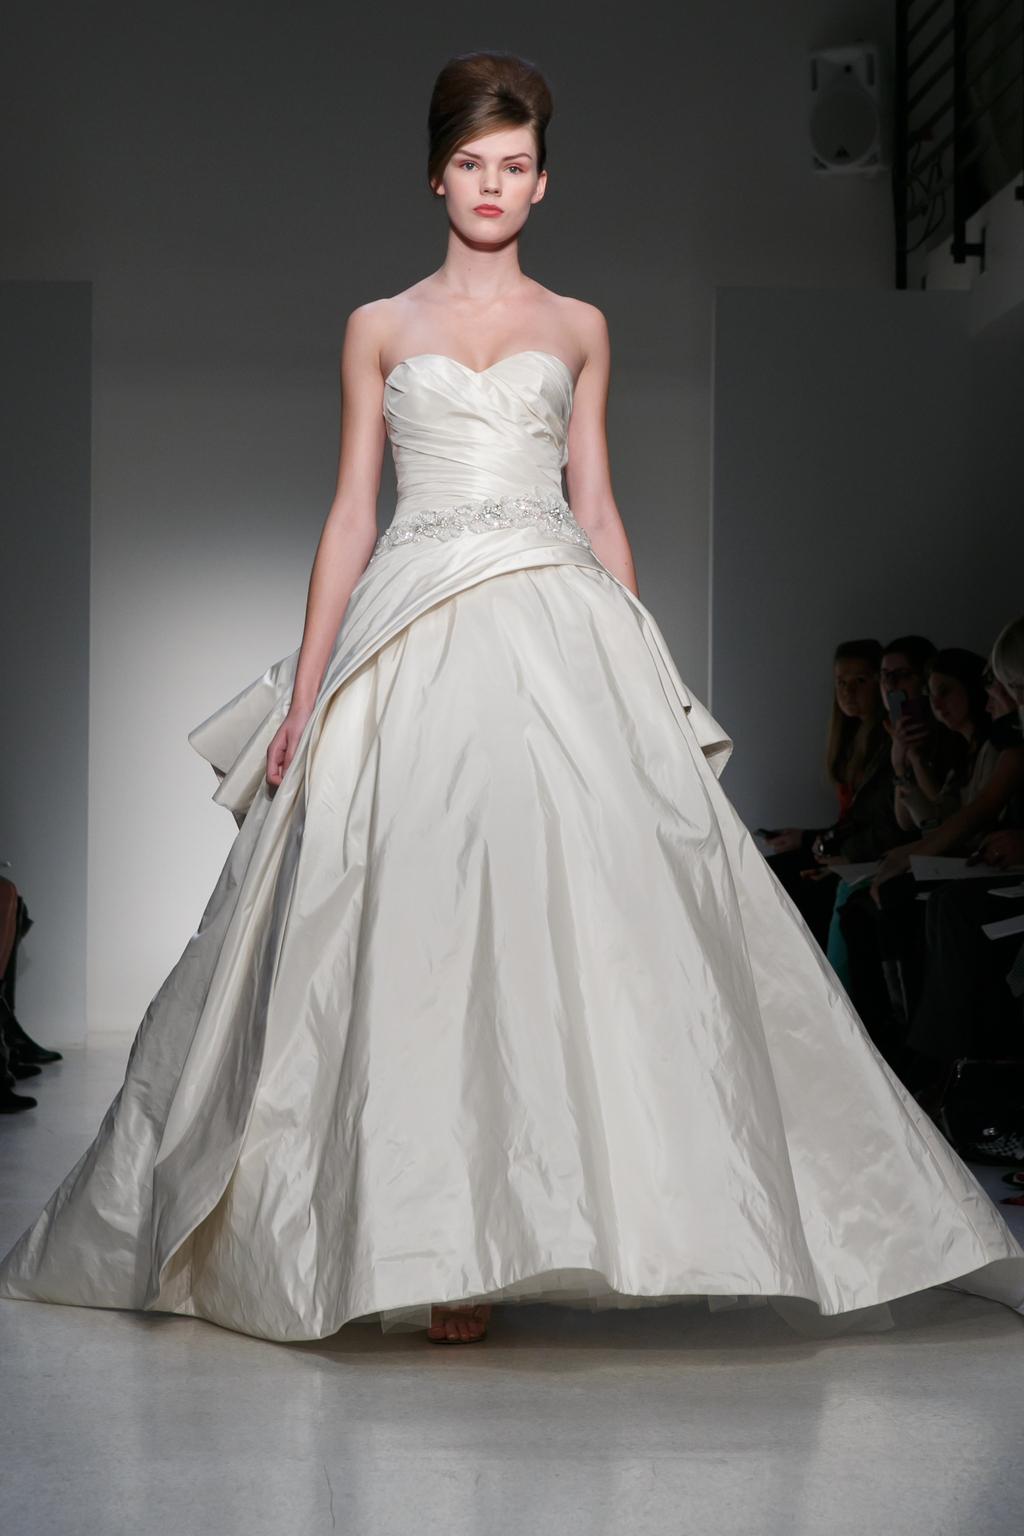 Fall-2013-wedding-dress-kenneth-pool-by-amsale-bridal-gowns-10.full